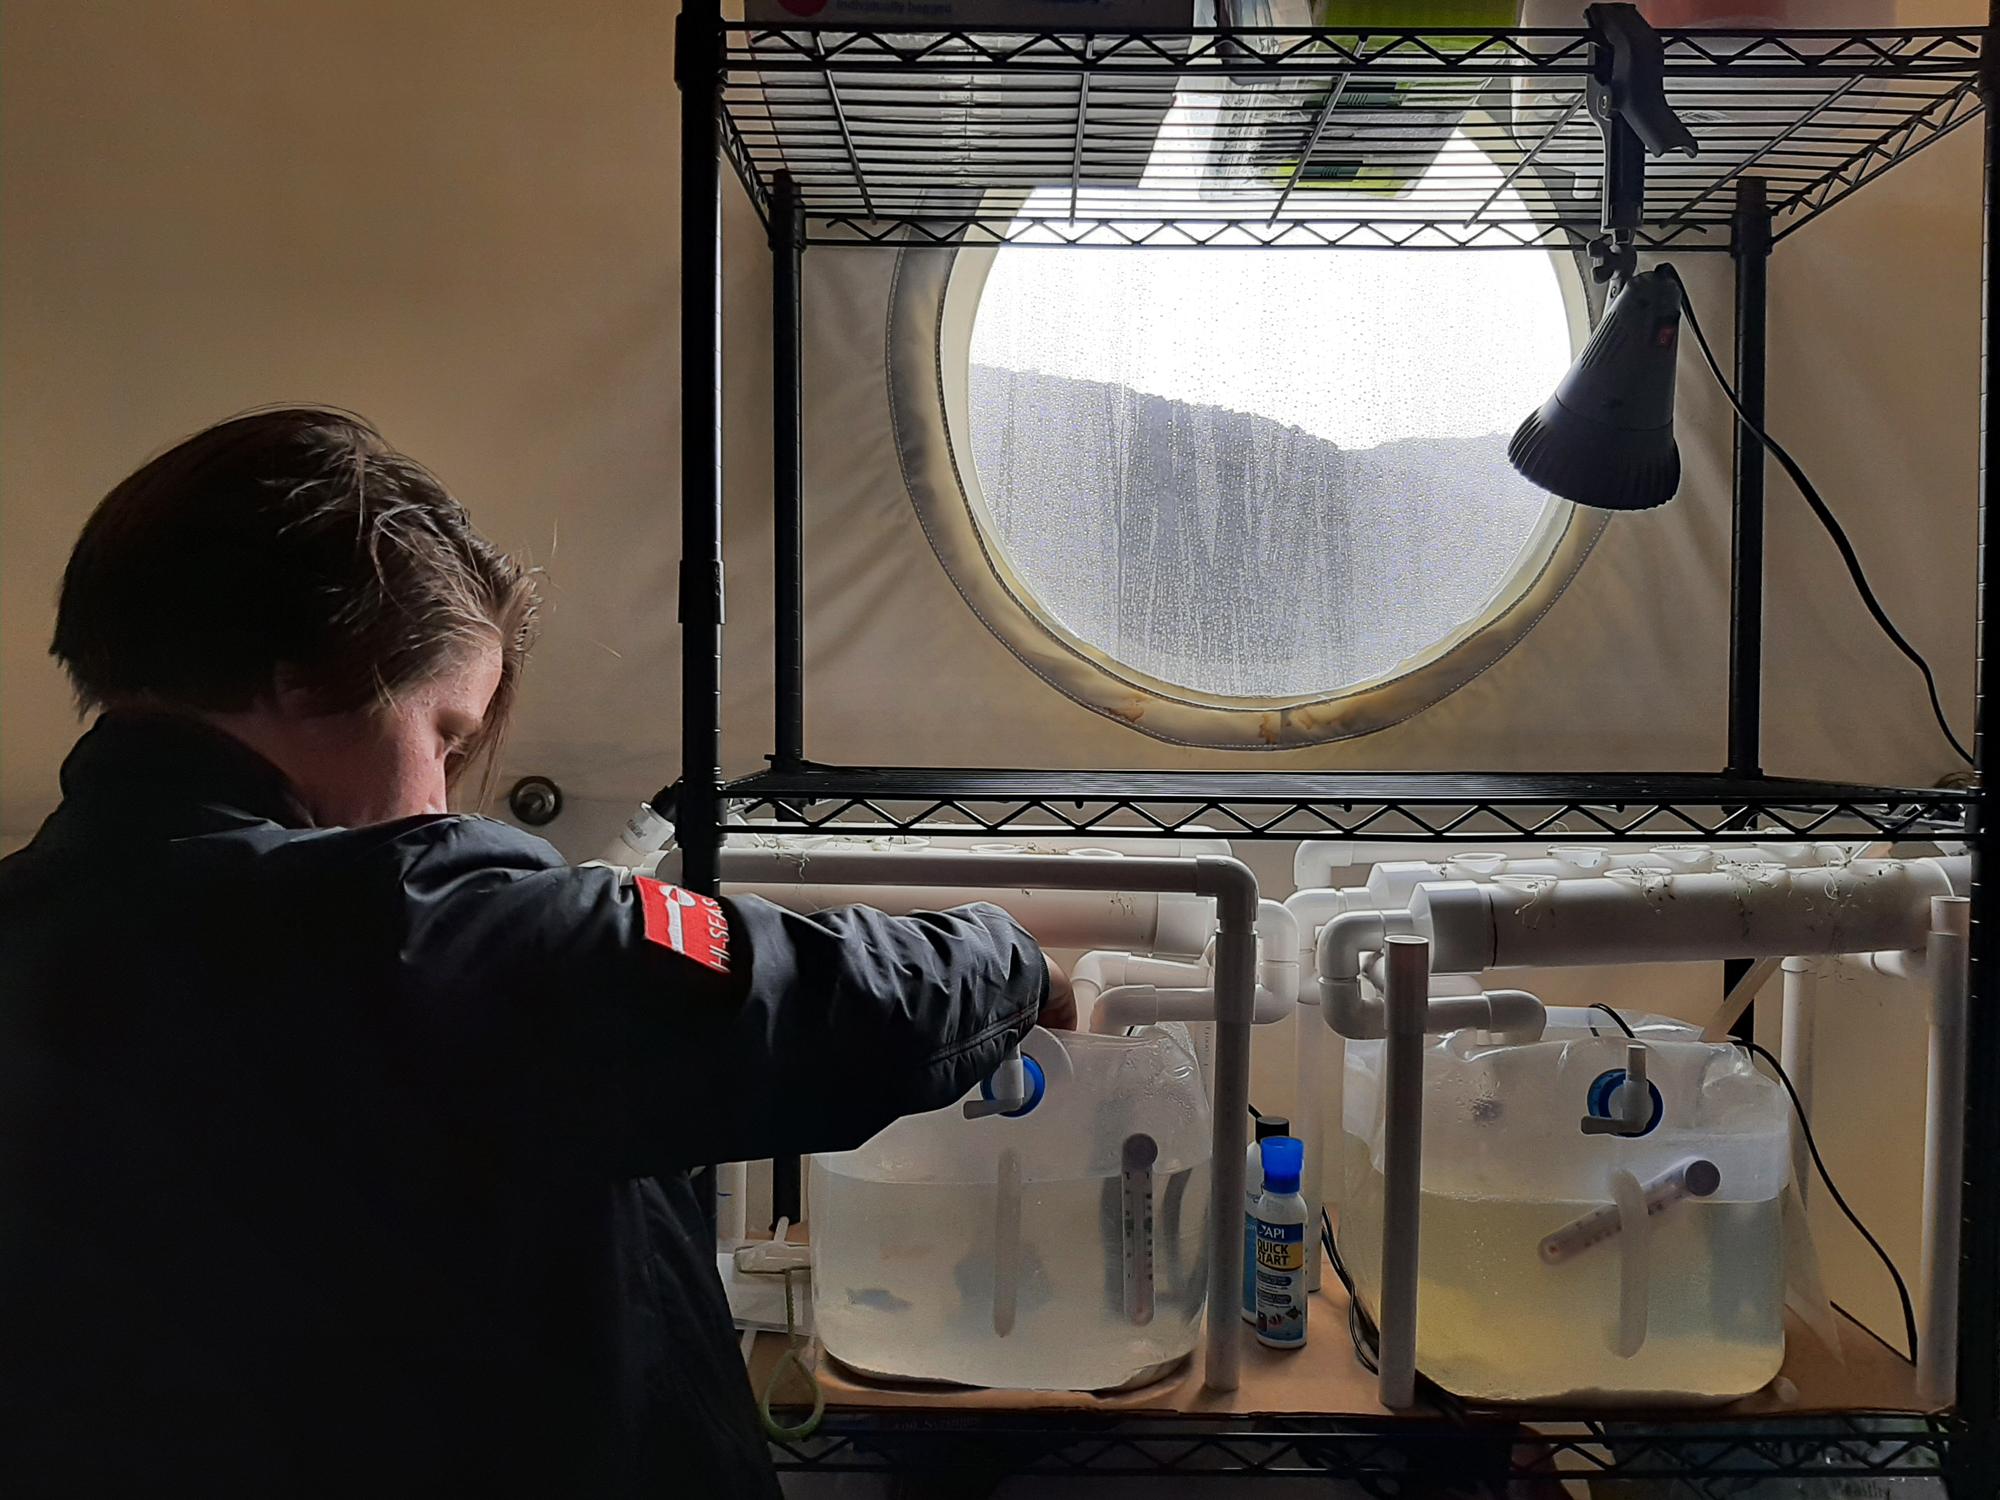 Crew Bioengineer Zoe Maxwell s'occupe de son expérience en se concentrant sur la croissance de bactéries mangeuses de perchlorate dans un système aquaponique avec des poissons pour la filtration durable du perchlorate présent sur Mars.